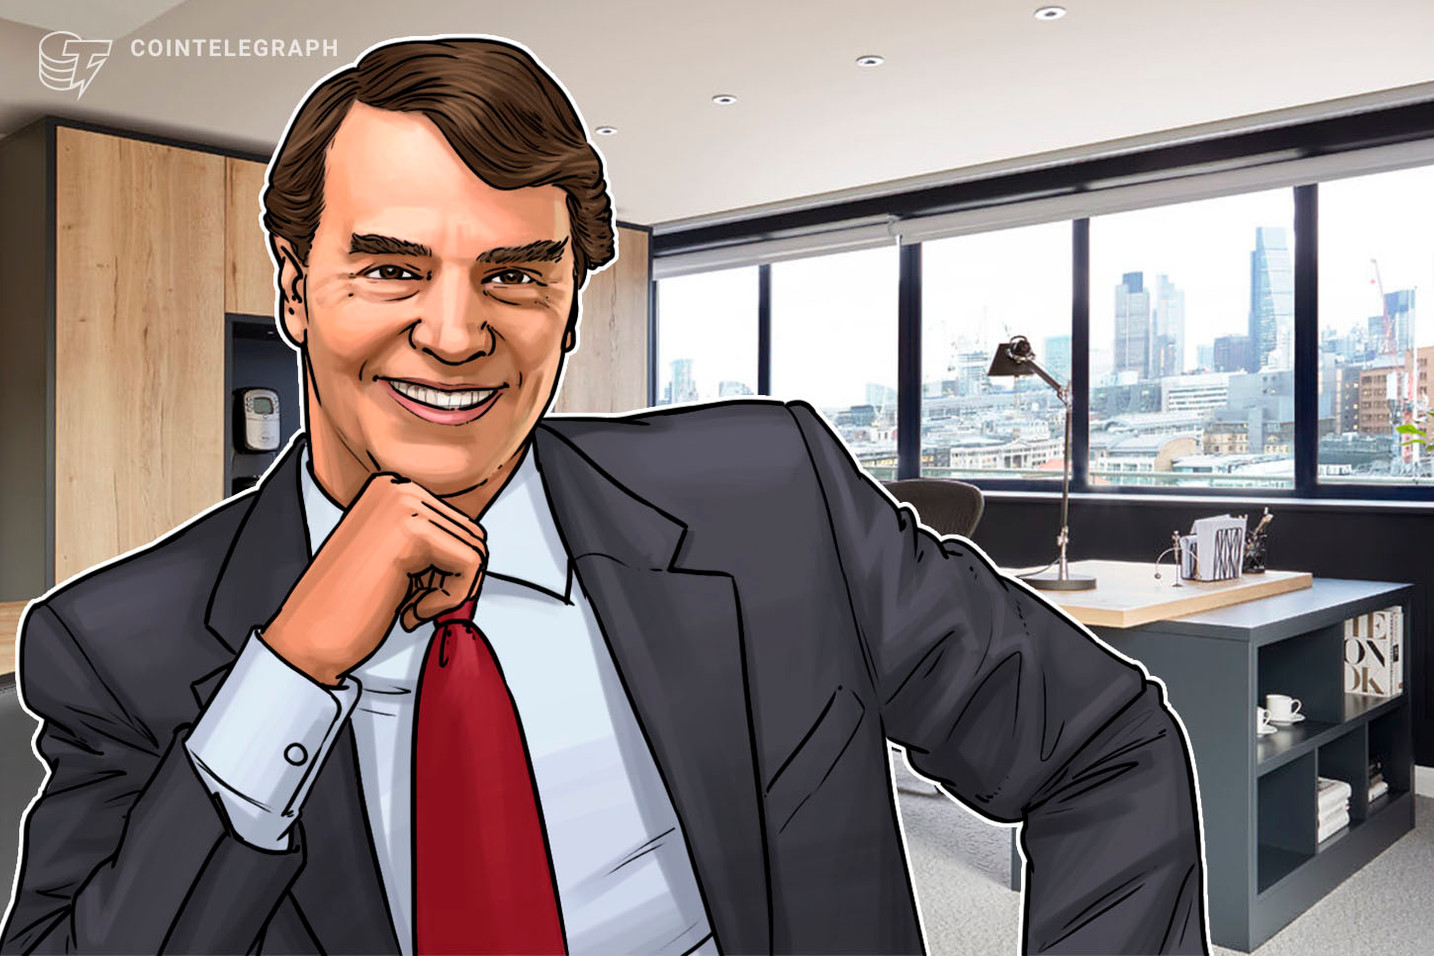 Tim Draper: Bitcoin raggiungerà i 250.000$ entro il Q1 2023 nonostante il consolidamento